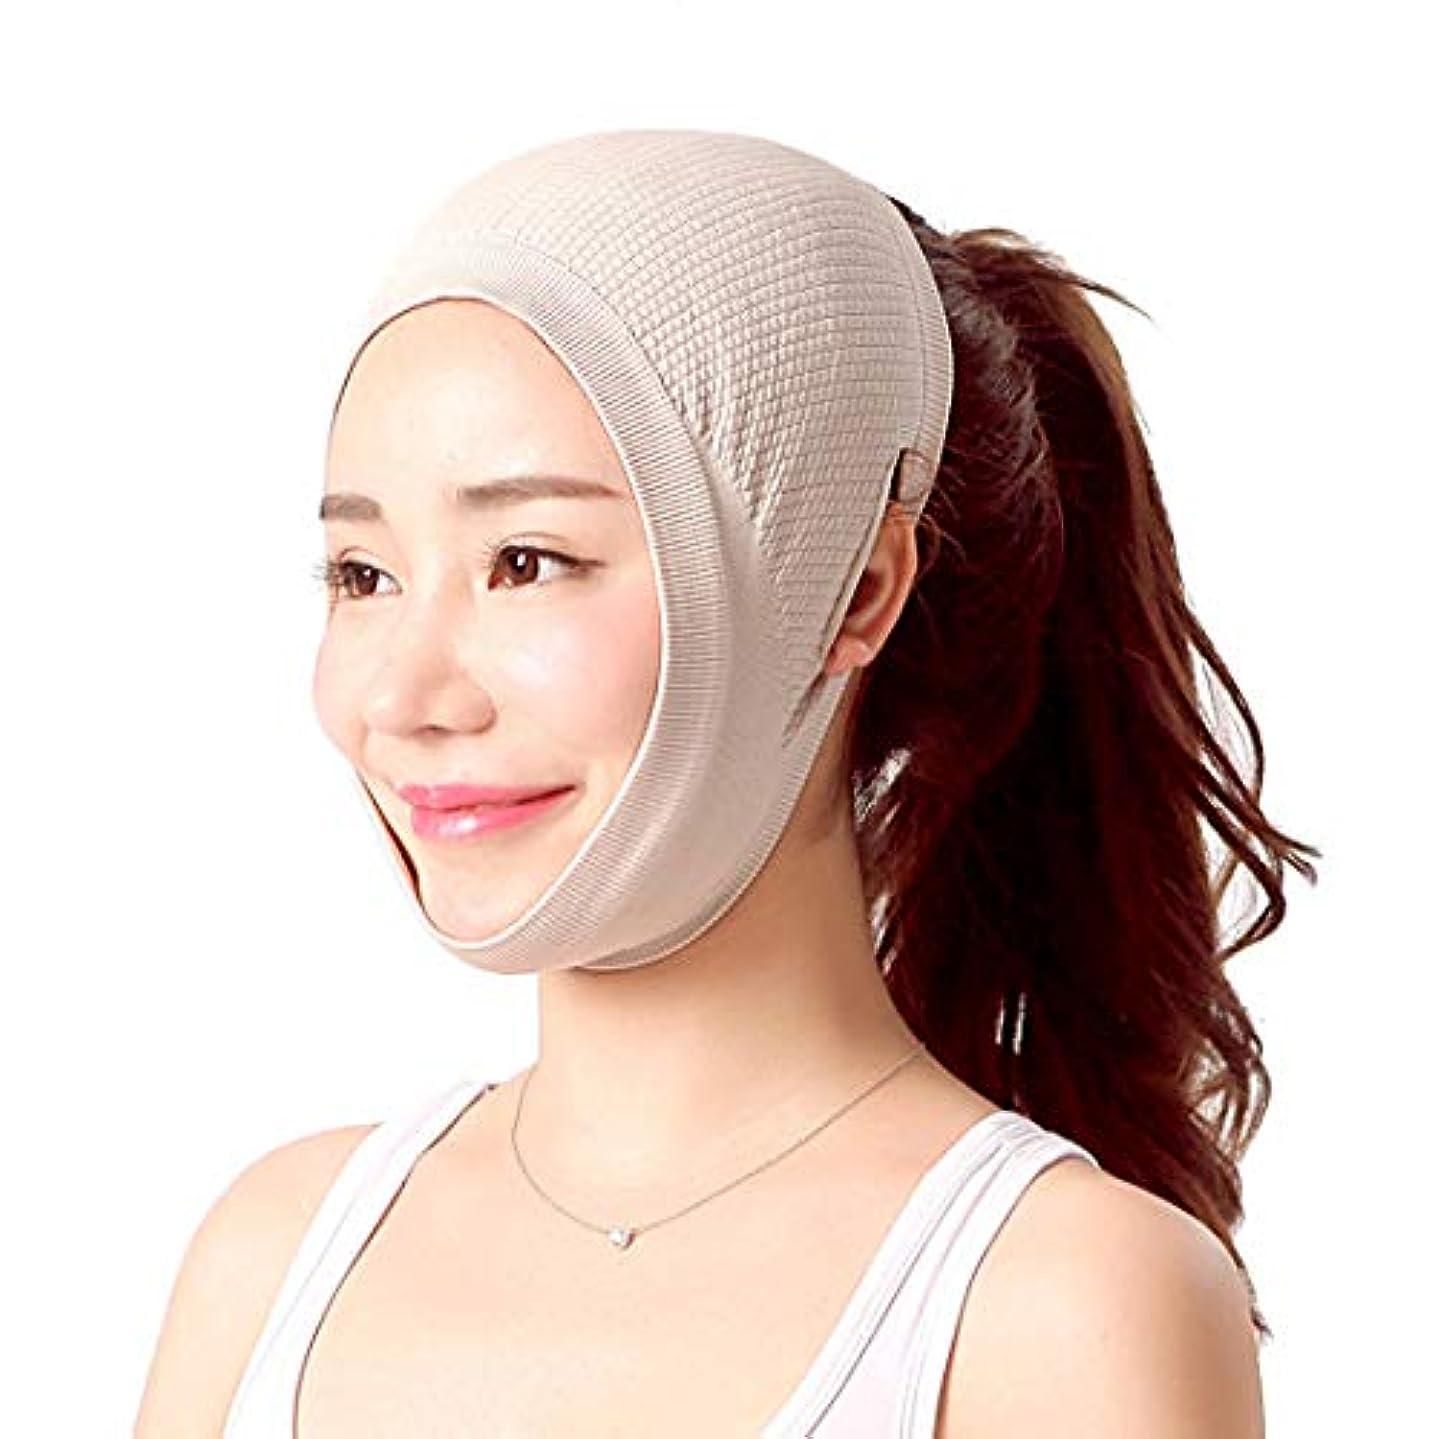 してはいけません宿支配的ZWBD フェイスマスク, 減量の包帯を取除くために皮の包帯、二重あごをきつく締めるための顔の包帯が付いている顔の減量のマスクは調節することができます